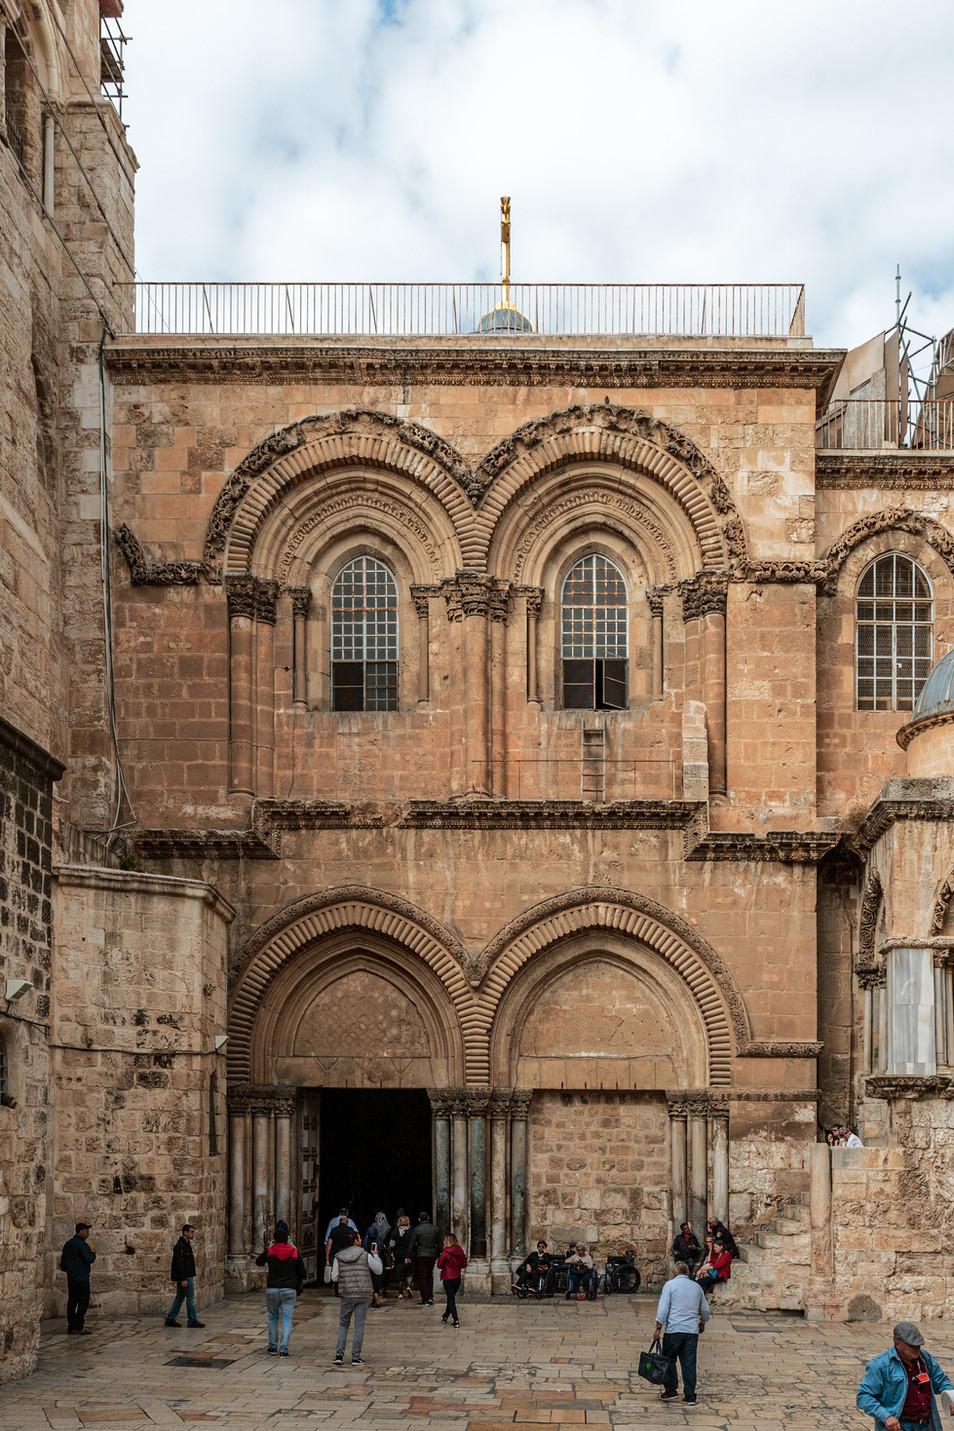 Jerusalem_Old City_Holy Sepulchre 3.jpg